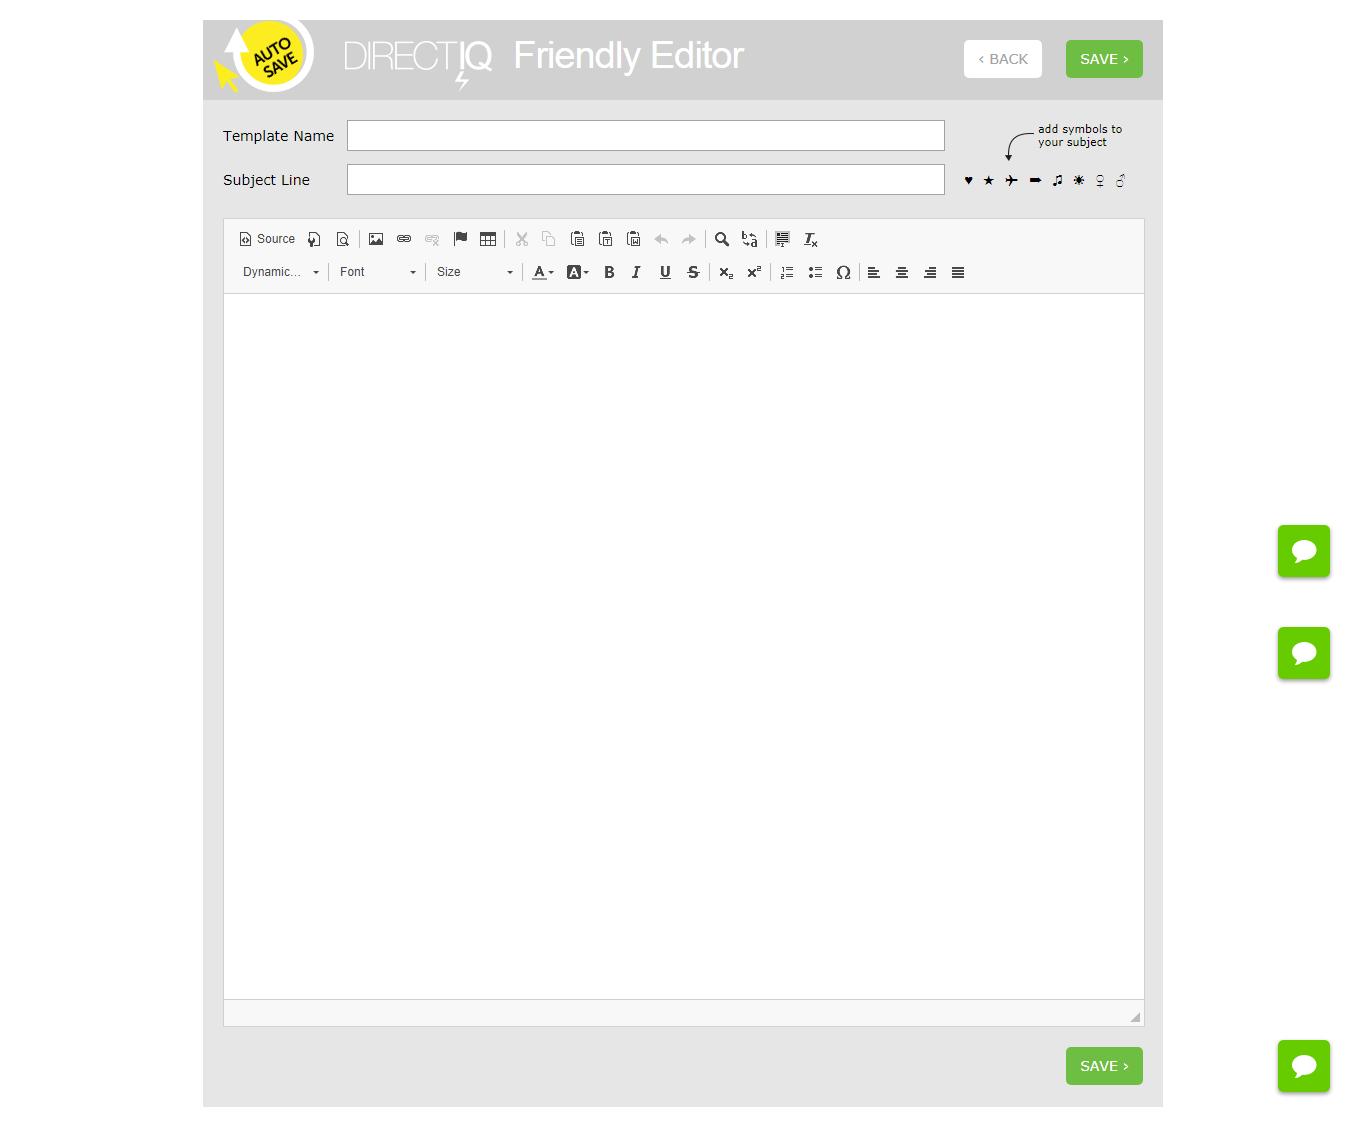 Friendly Editor